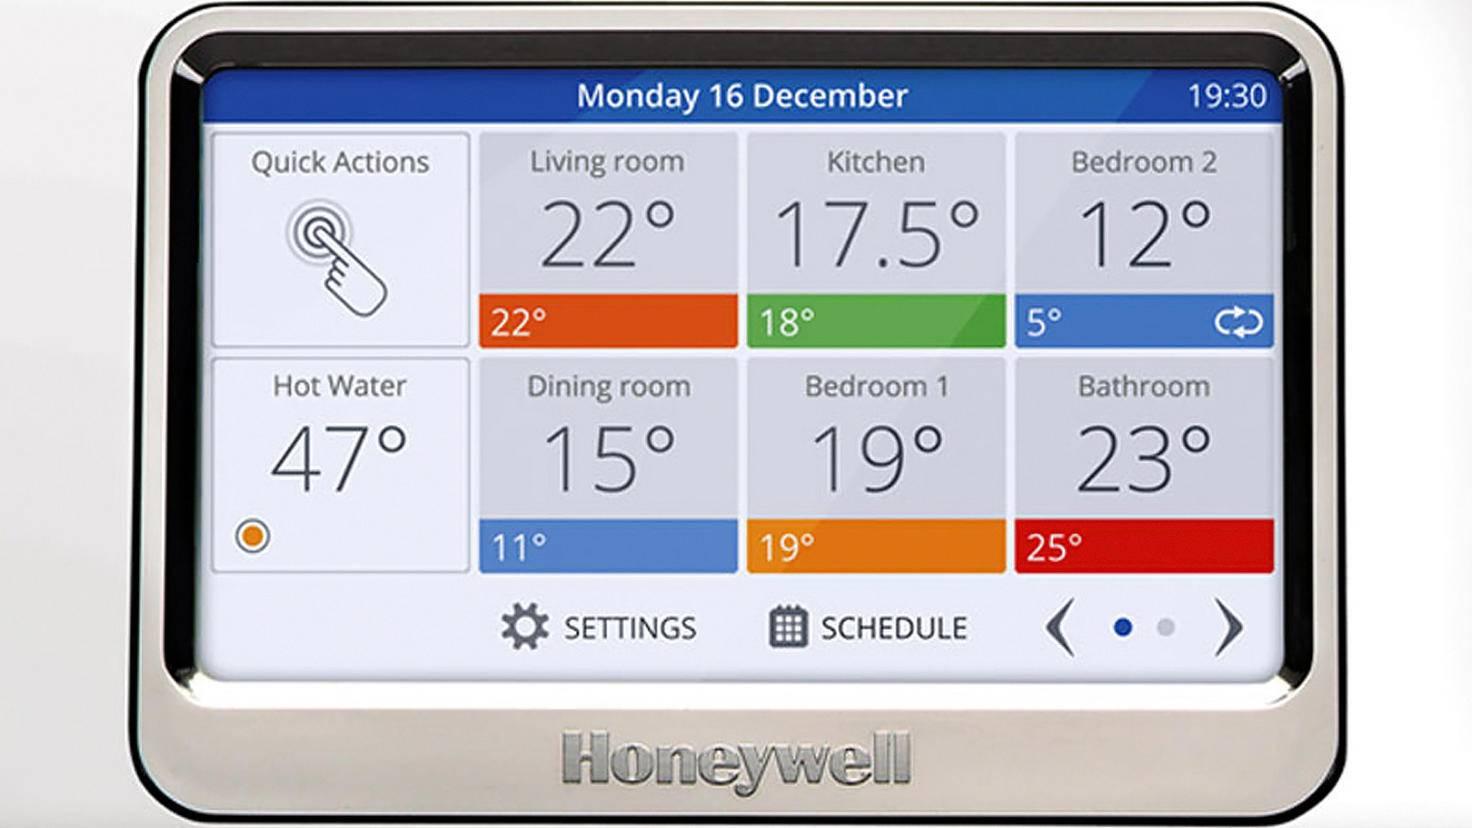 Honeywell Evohome wird nicht nur per app, sondren auch mit einem speziellen Bedienbildschirm gesteuert.